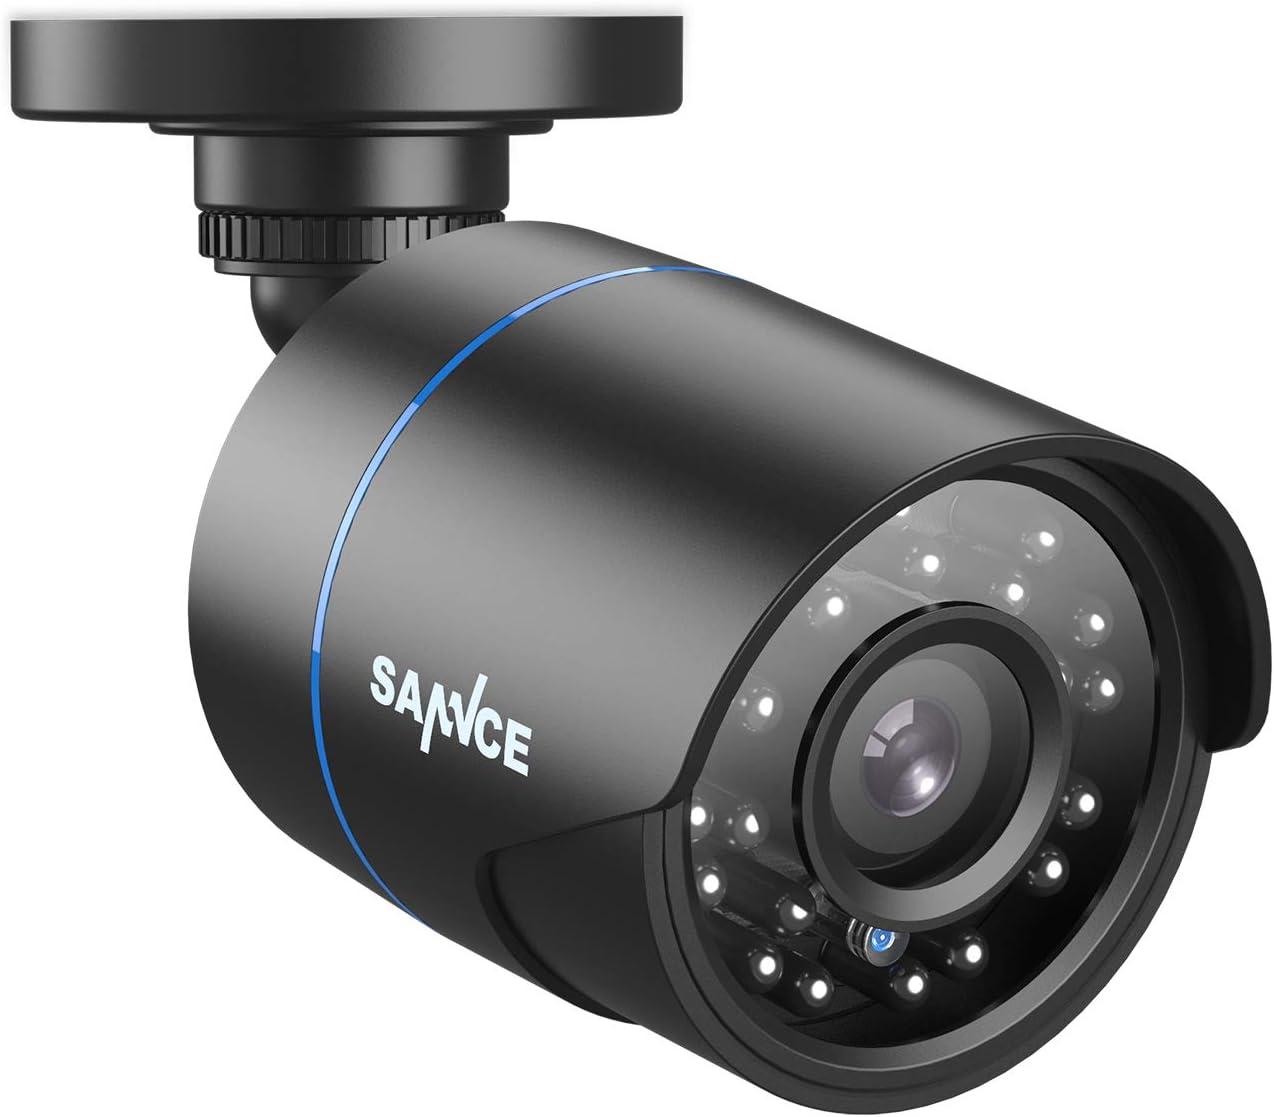 Sannce 1080p Bullet Überwachungskamera Für Ahd Tvi Cvi Cvbs Dvr Überwachungssytem Ip66 Wasserdicht Outdoor Analogkamera Mit 100 Fuß Nachtsicht Baumarkt